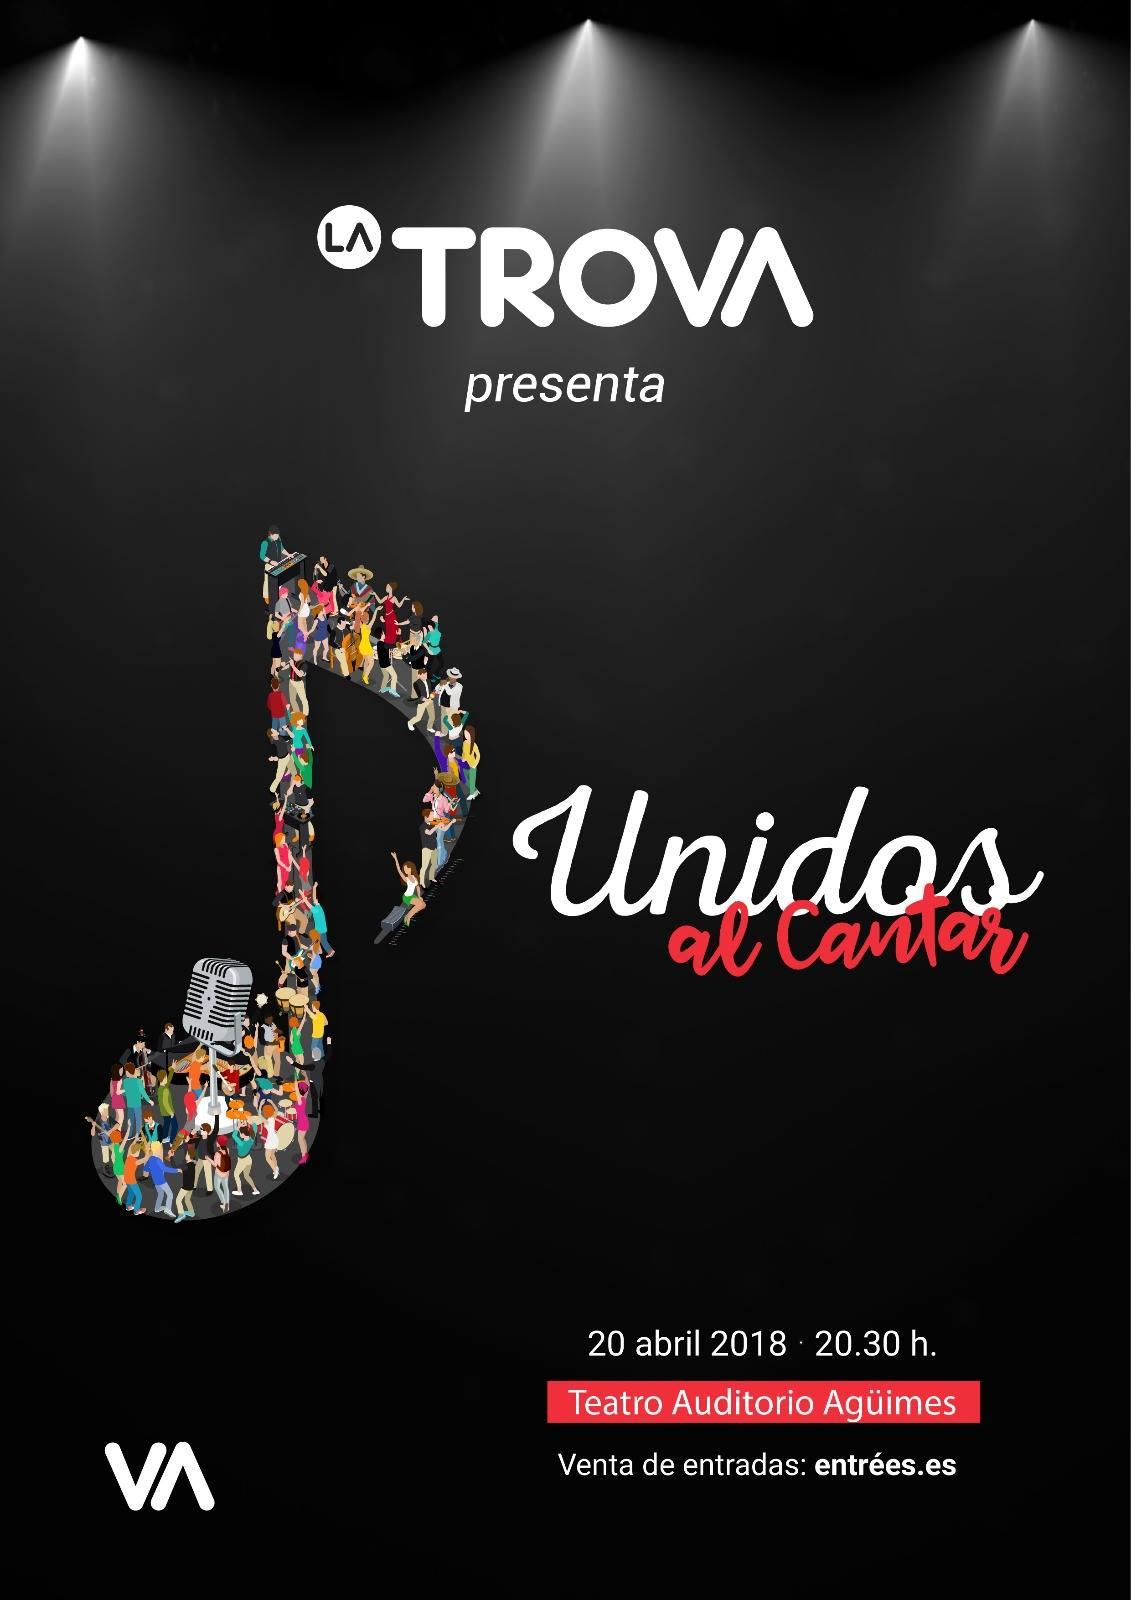 """La Trova presenta """"Unidos al cantar"""" en Agüimes"""